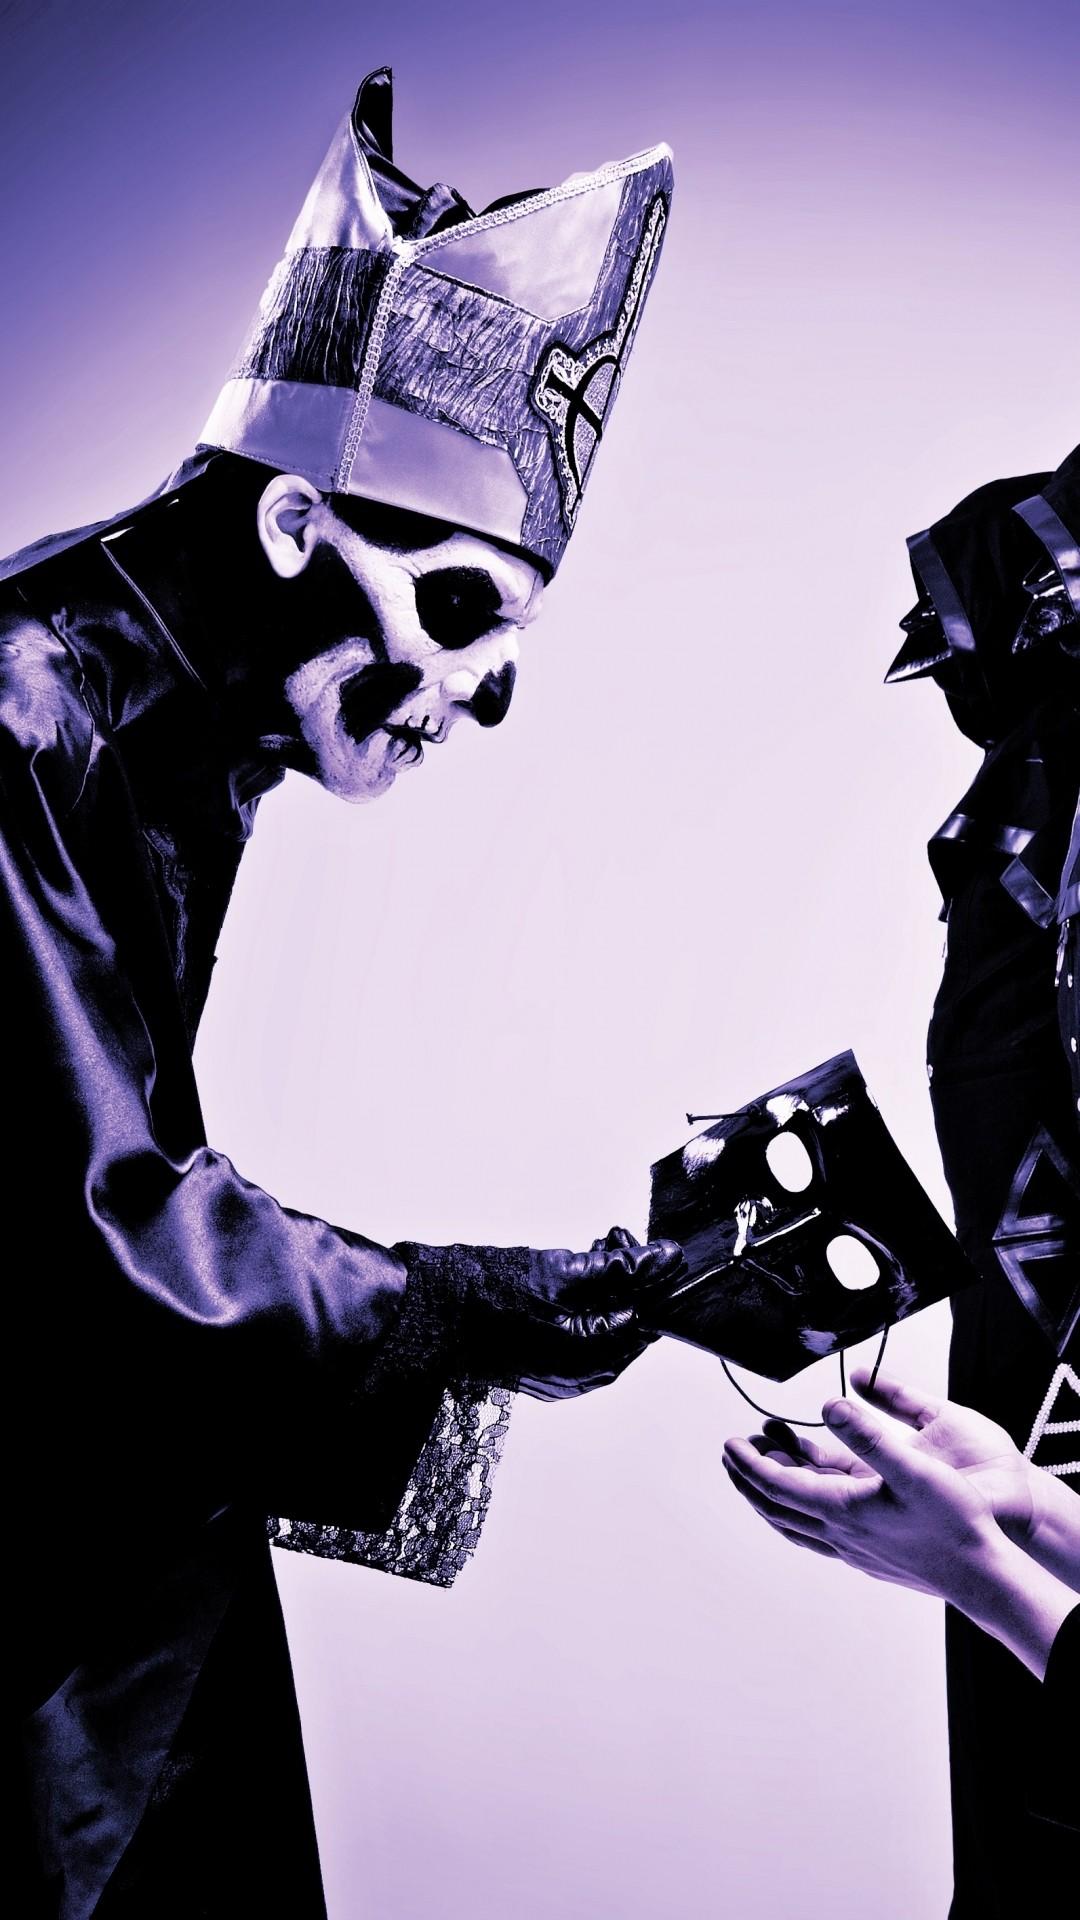 God purge masks